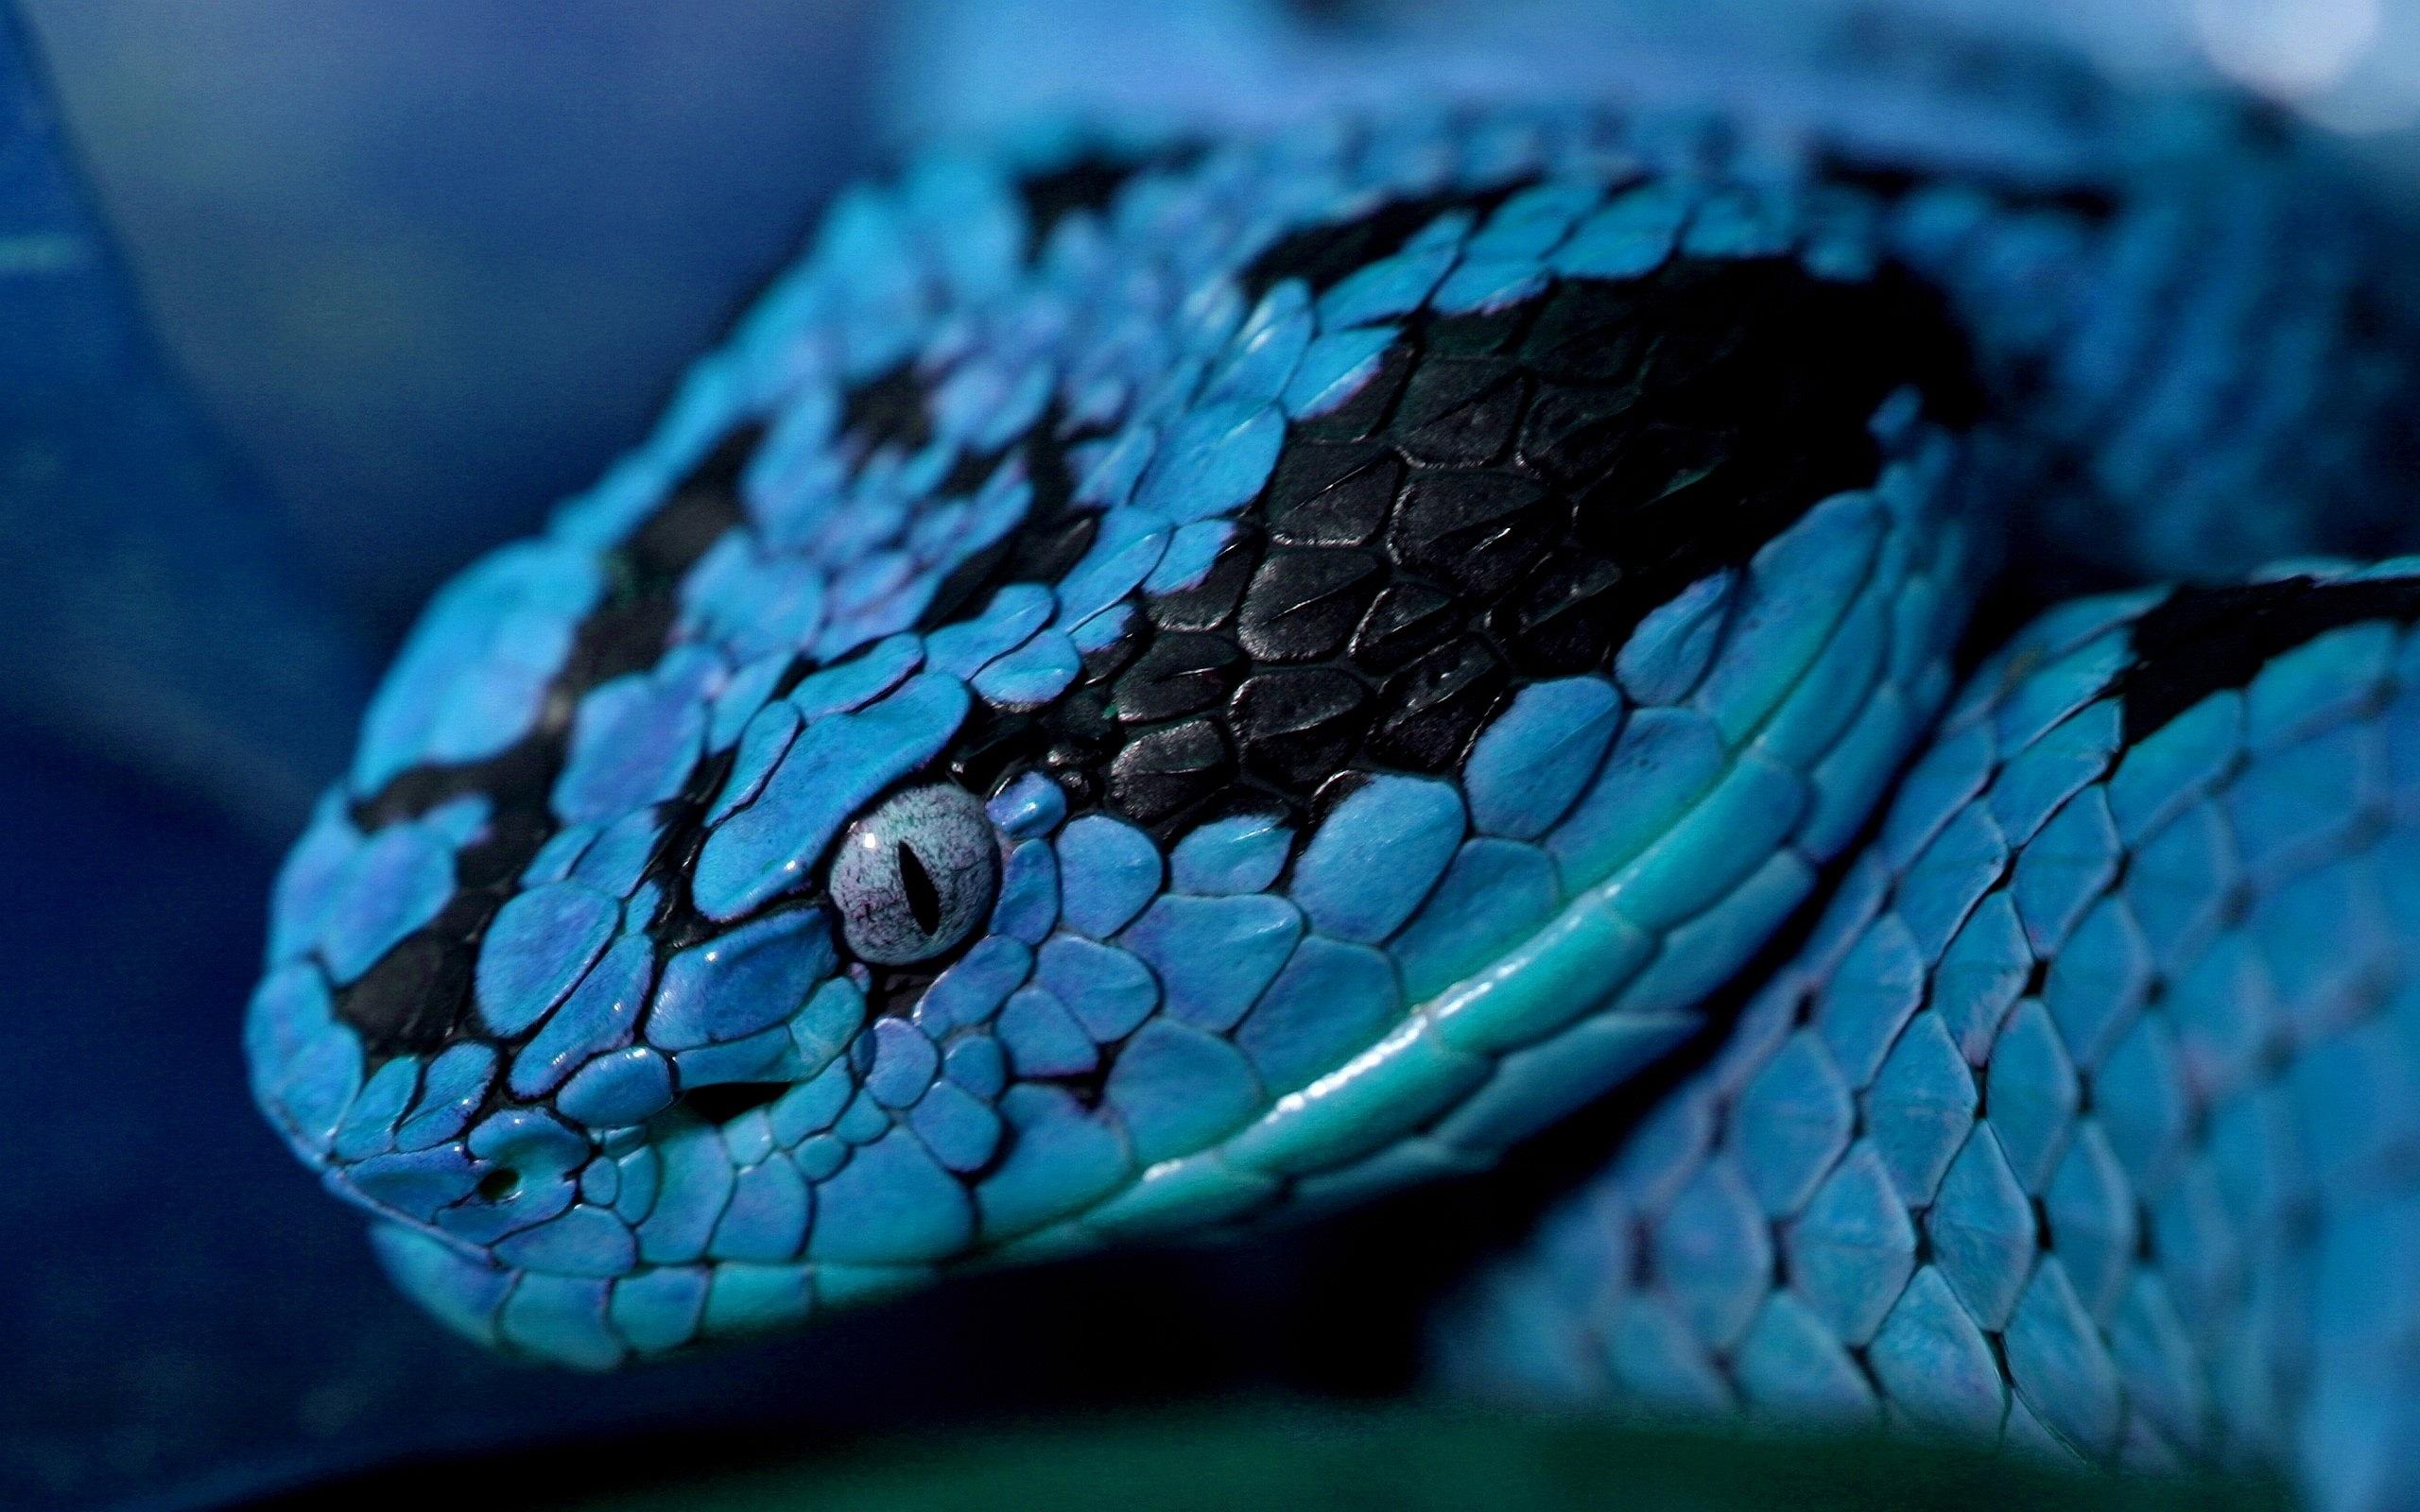 snake photo hd